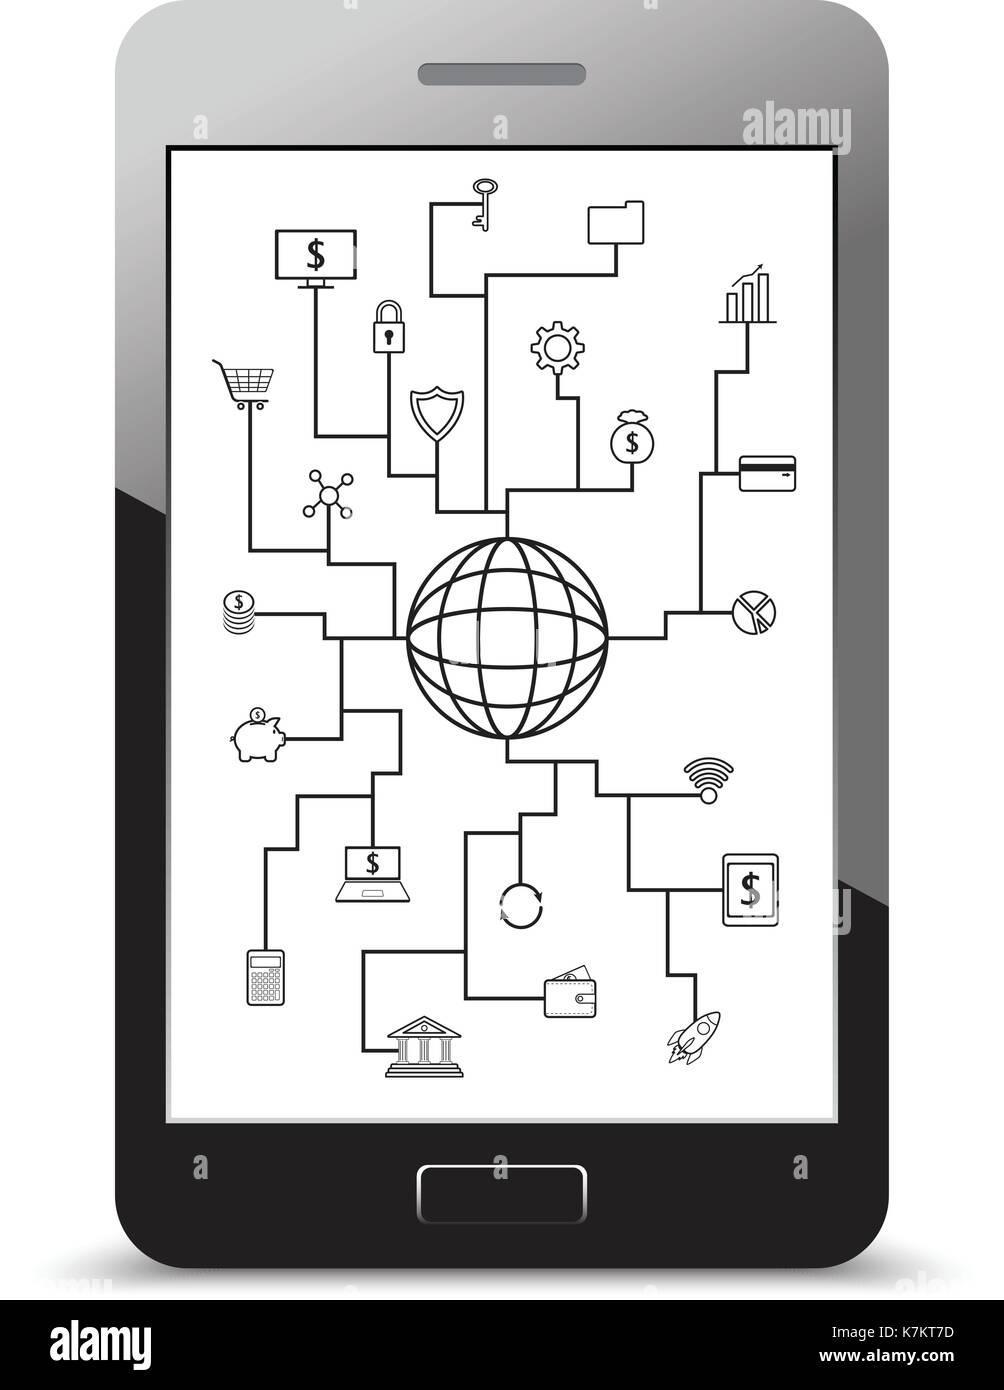 Fintech vecteur icônes ligne autour d'un globe sur la technologie financière, bancaire, et l'investissement avec fond blanc sur un écran de smartphone réaliste Illustration de Vecteur